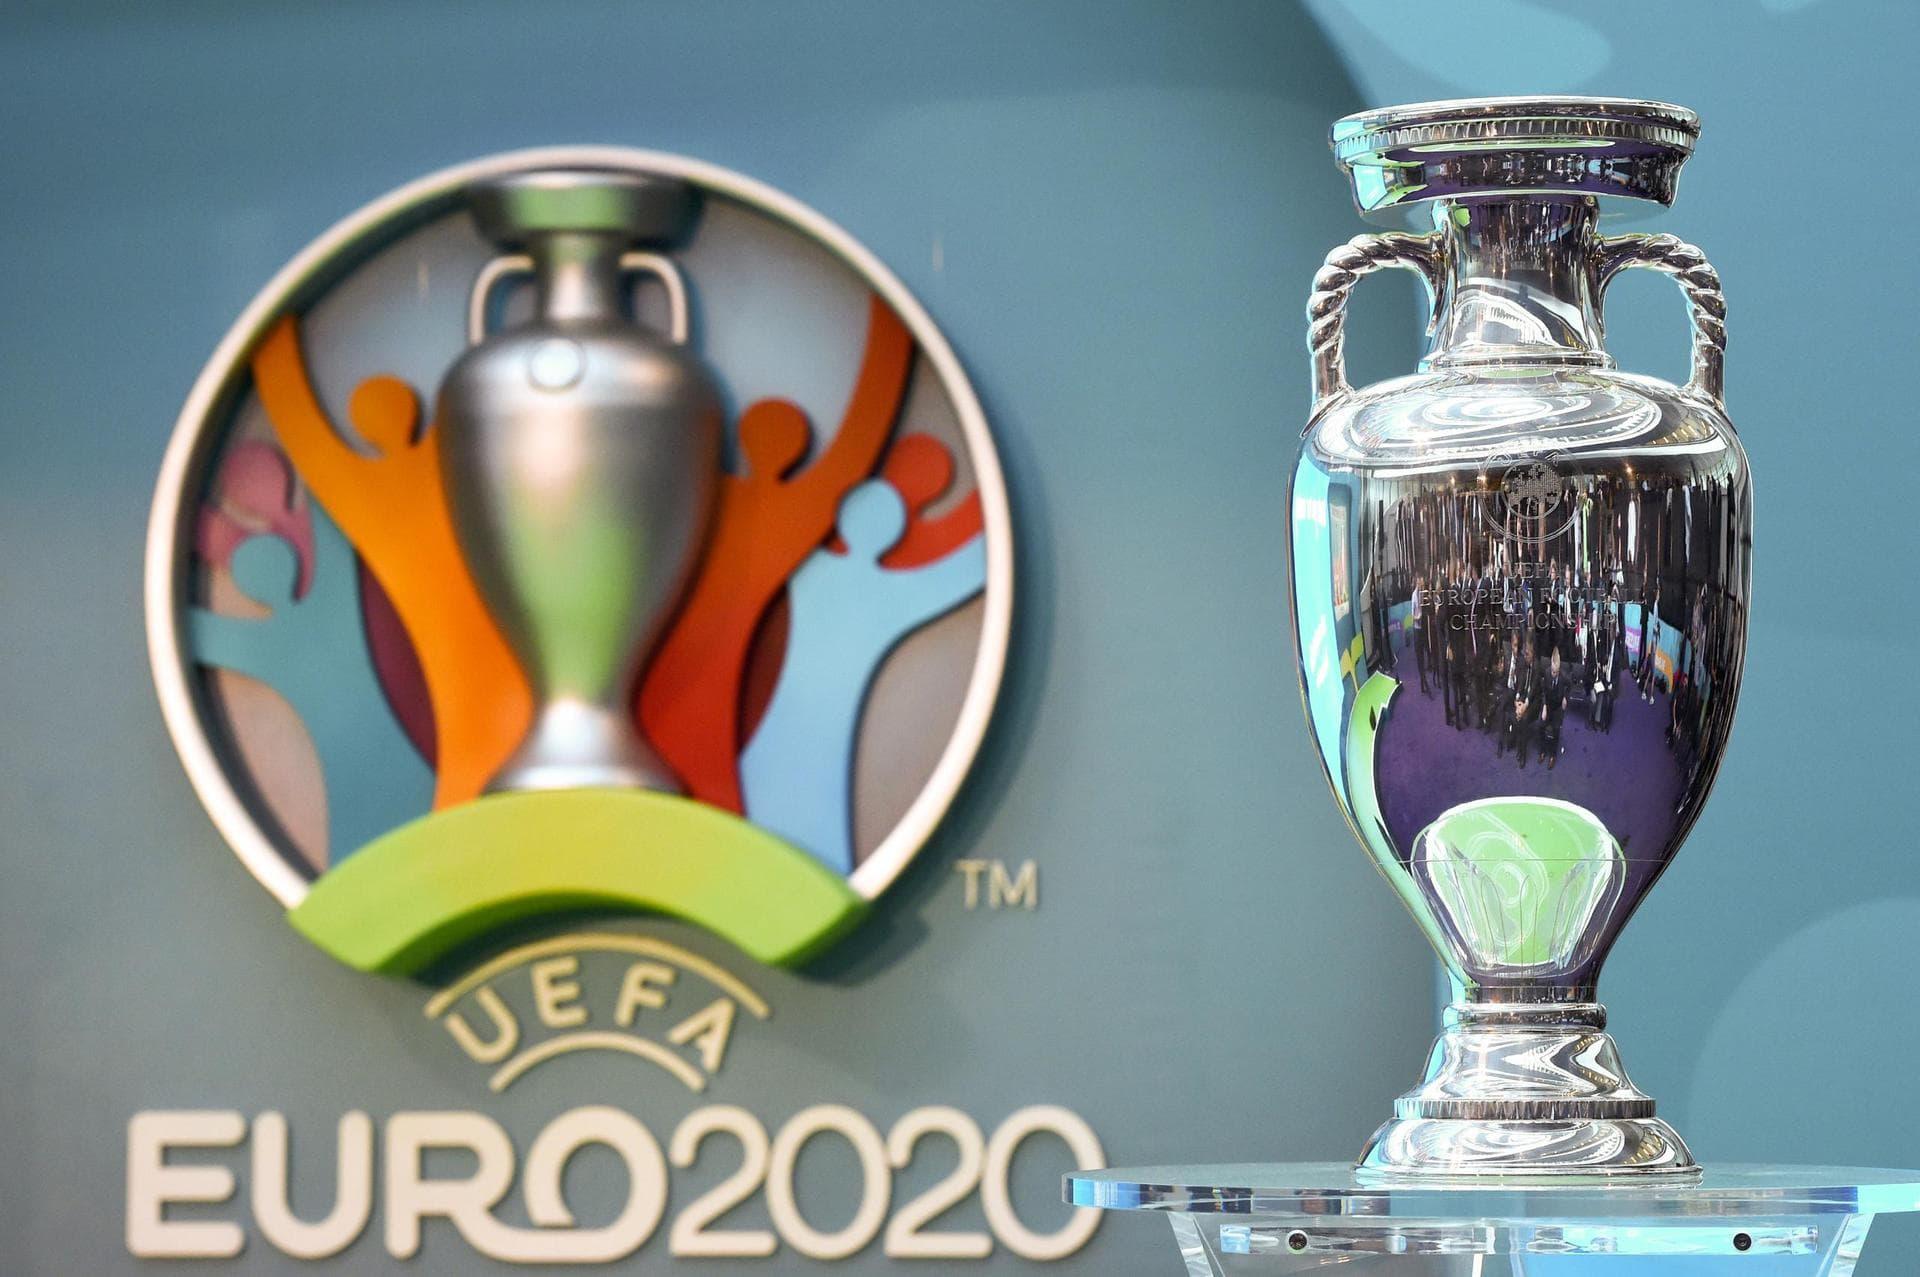 EM 2021: Der Fußball rollt durch ganz Europa Die Europameisterschaft findet dieses Mal in elf verschiedenen Ländern statt